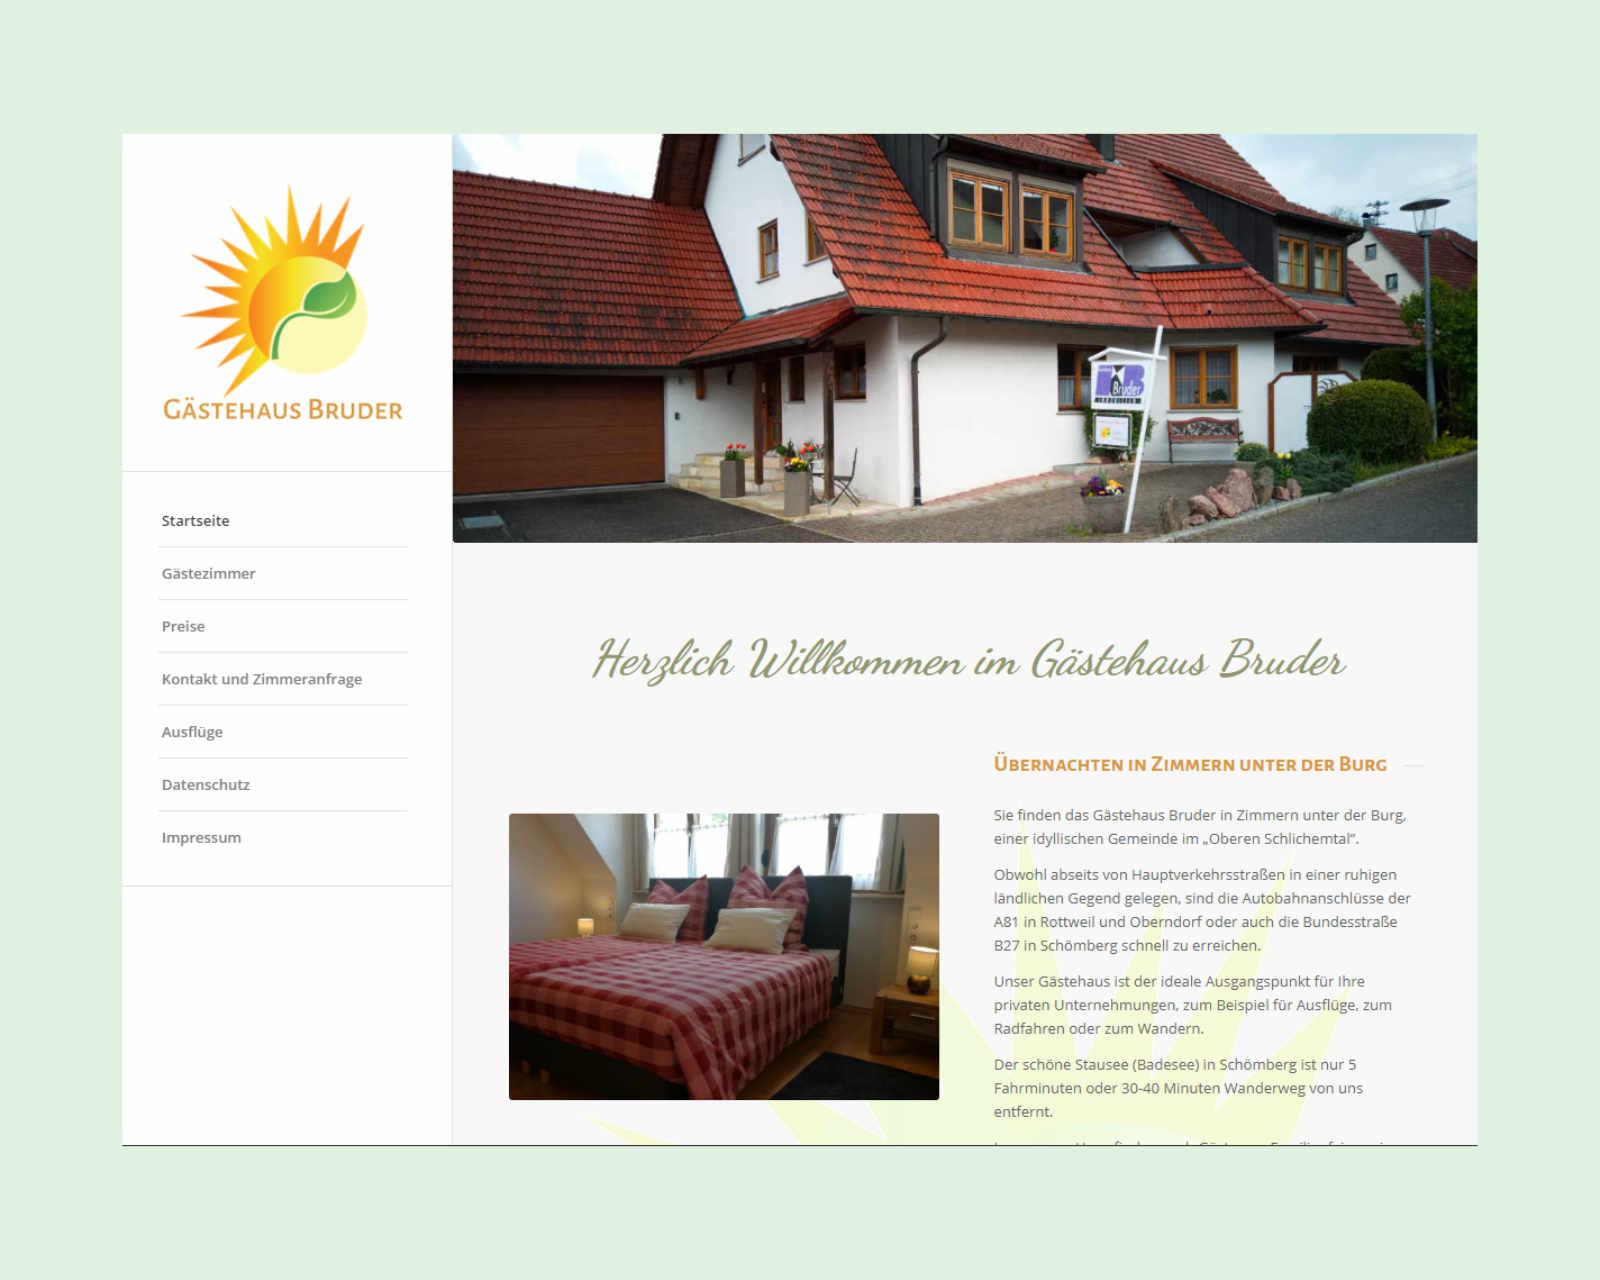 Website www.gaestehaus-bruder.de